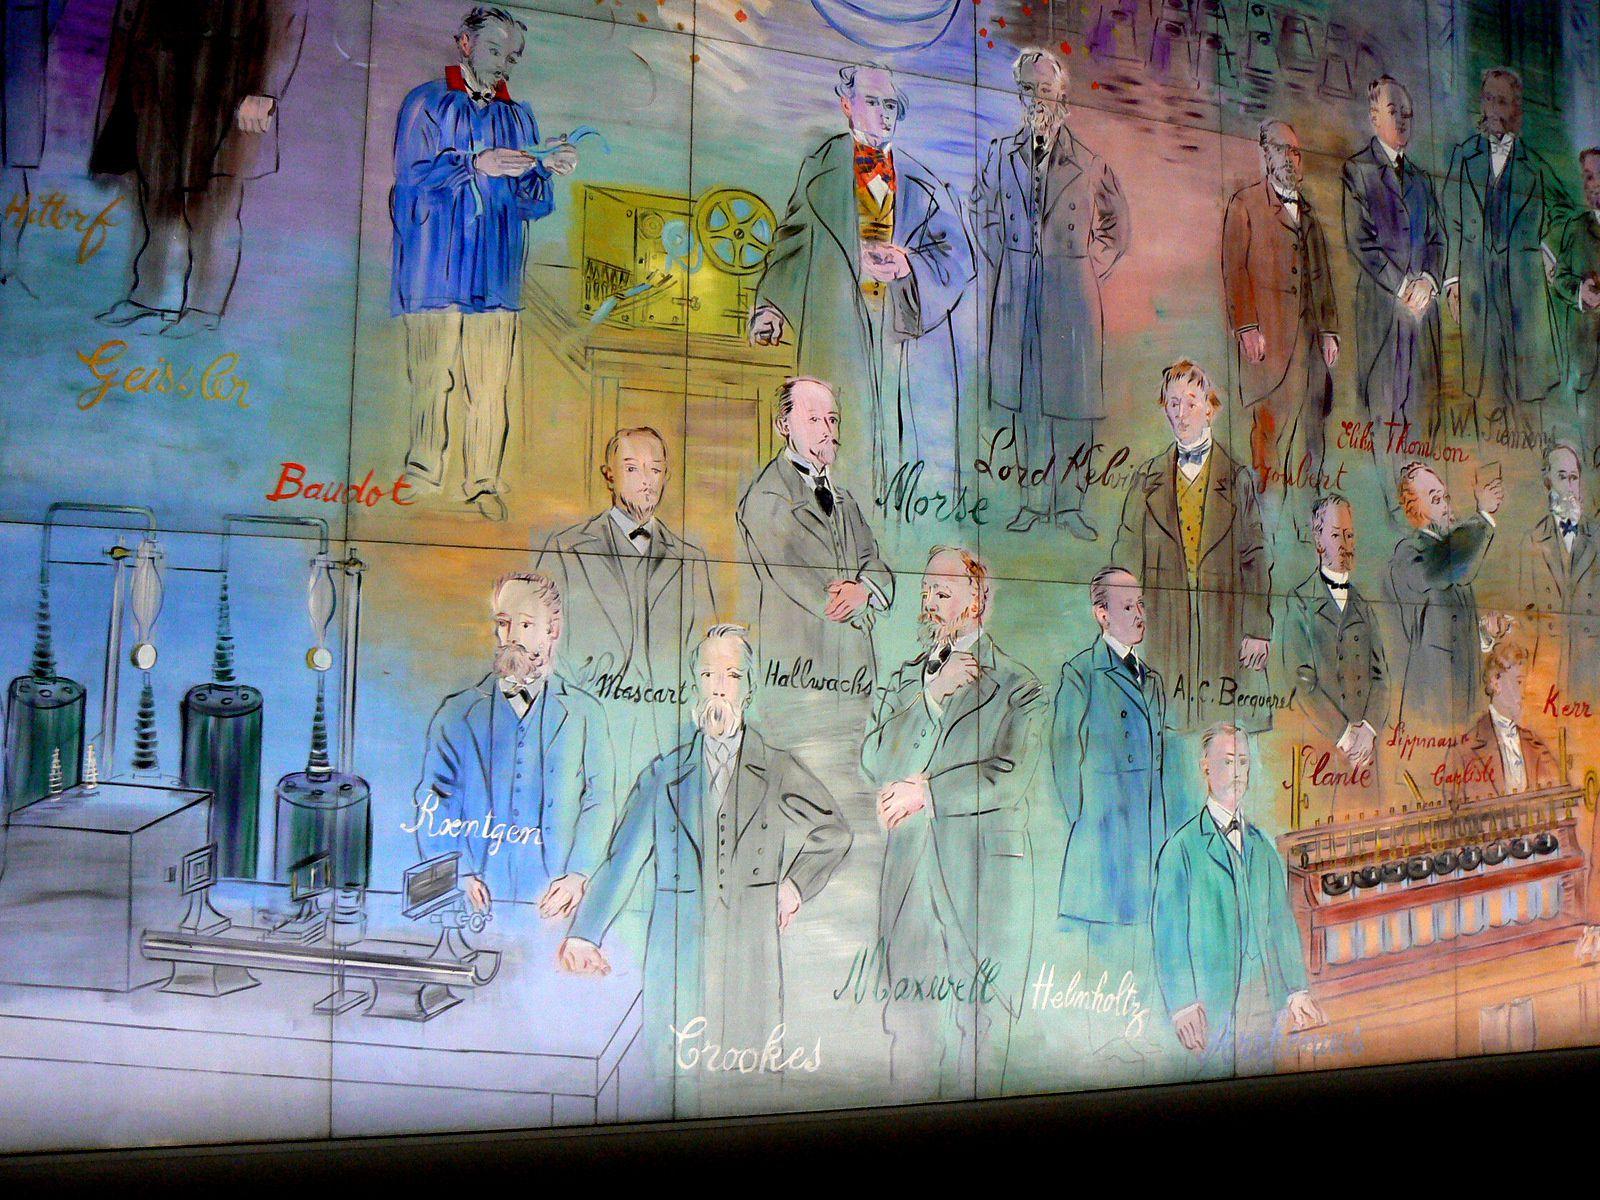 La Fée Electricité par Raoul dufy au musée d'Art moderne, Paris